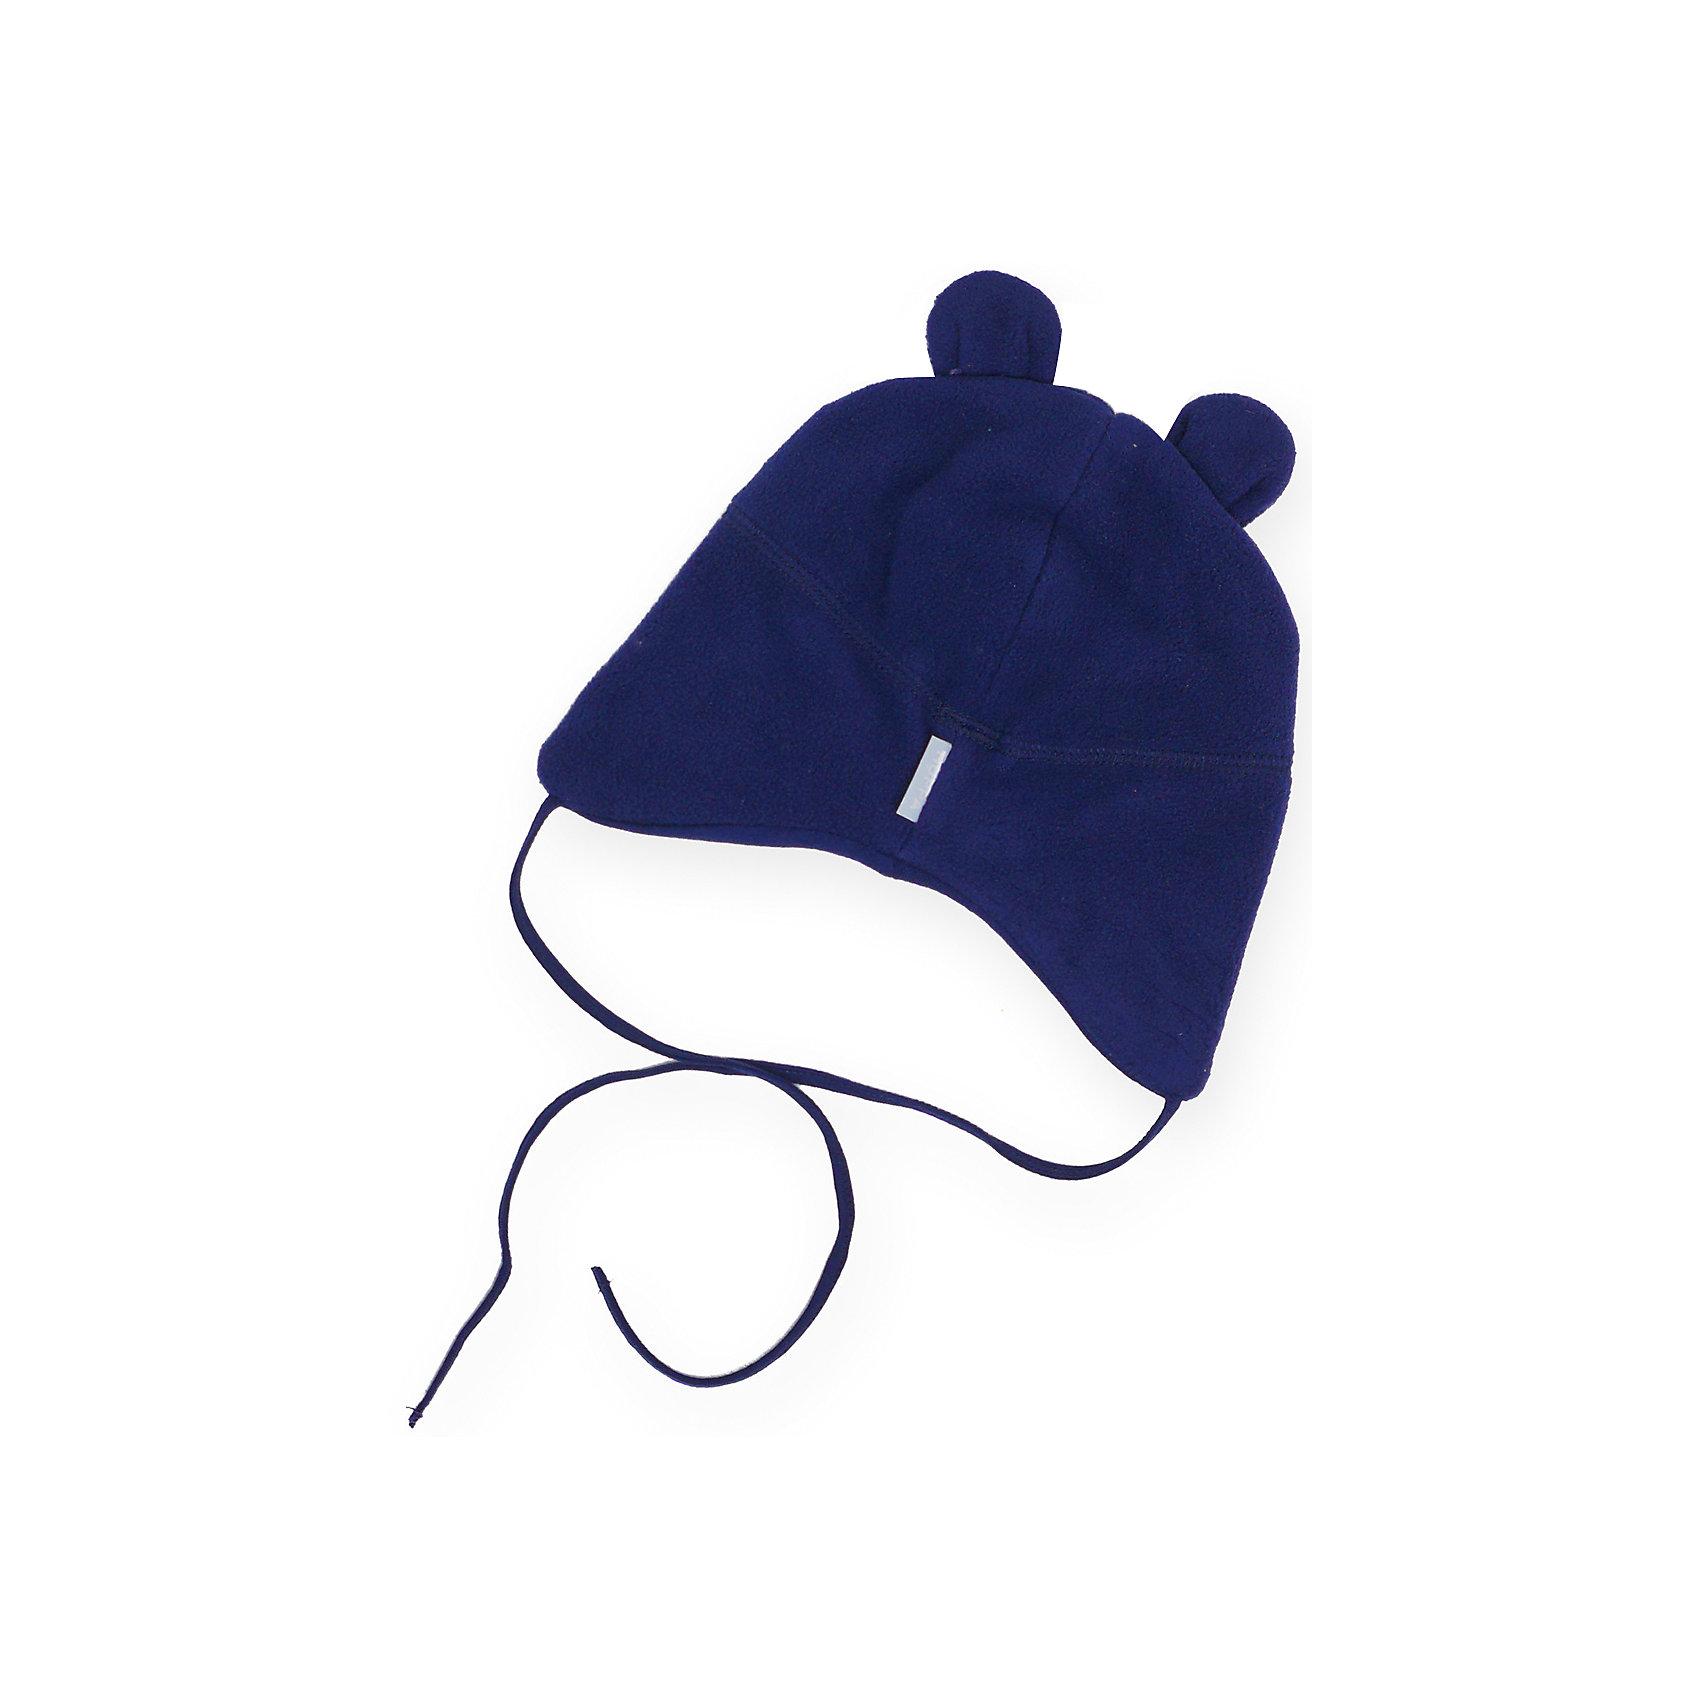 Шапка Winnie для мальчика HuppaХарактеристики товара:<br><br>• цвет: синий<br>• состав: 100% полиэстер (флис), подкладка - 100% хлопок<br>• температурный режим: от 0°С до +10°С<br>• завязки<br>• ушки<br>• можно надевать под капюшон<br>• декорирована вышивкой с логотипом<br>• комфортная посадка<br>• мягкий материал<br>• страна бренда: Эстония<br><br>Эта шапка обеспечит малышам тепло и комфорт. Она сделана из приятного на ощупь материала с мягким ворсом, поэтому изделие не колется и не натирает. Подкладка выполнена из дышащего и гипоаллергенного хлопка. Шапка очень симпатично смотрится, а дизайн и отделка добавляют ей оригинальности. Модель была разработана специально для малышей.<br><br>Одежда и обувь от популярного эстонского бренда Huppa - отличный вариант одеть ребенка можно и комфортно. Вещи, выпускаемые компанией, качественные, продуманные и очень удобные. Для производства изделий используются только безопасные для детей материалы. Продукция от Huppa порадует и детей, и их родителей!<br><br>Шапку для мальчика от бренда Huppa (Хуппа) можно купить в нашем интернет-магазине.<br><br>Ширина мм: 89<br>Глубина мм: 117<br>Высота мм: 44<br>Вес г: 155<br>Цвет: синий<br>Возраст от месяцев: 6<br>Возраст до месяцев: 12<br>Пол: Мужской<br>Возраст: Детский<br>Размер: 43-45,39-43,47-49<br>SKU: 4041694